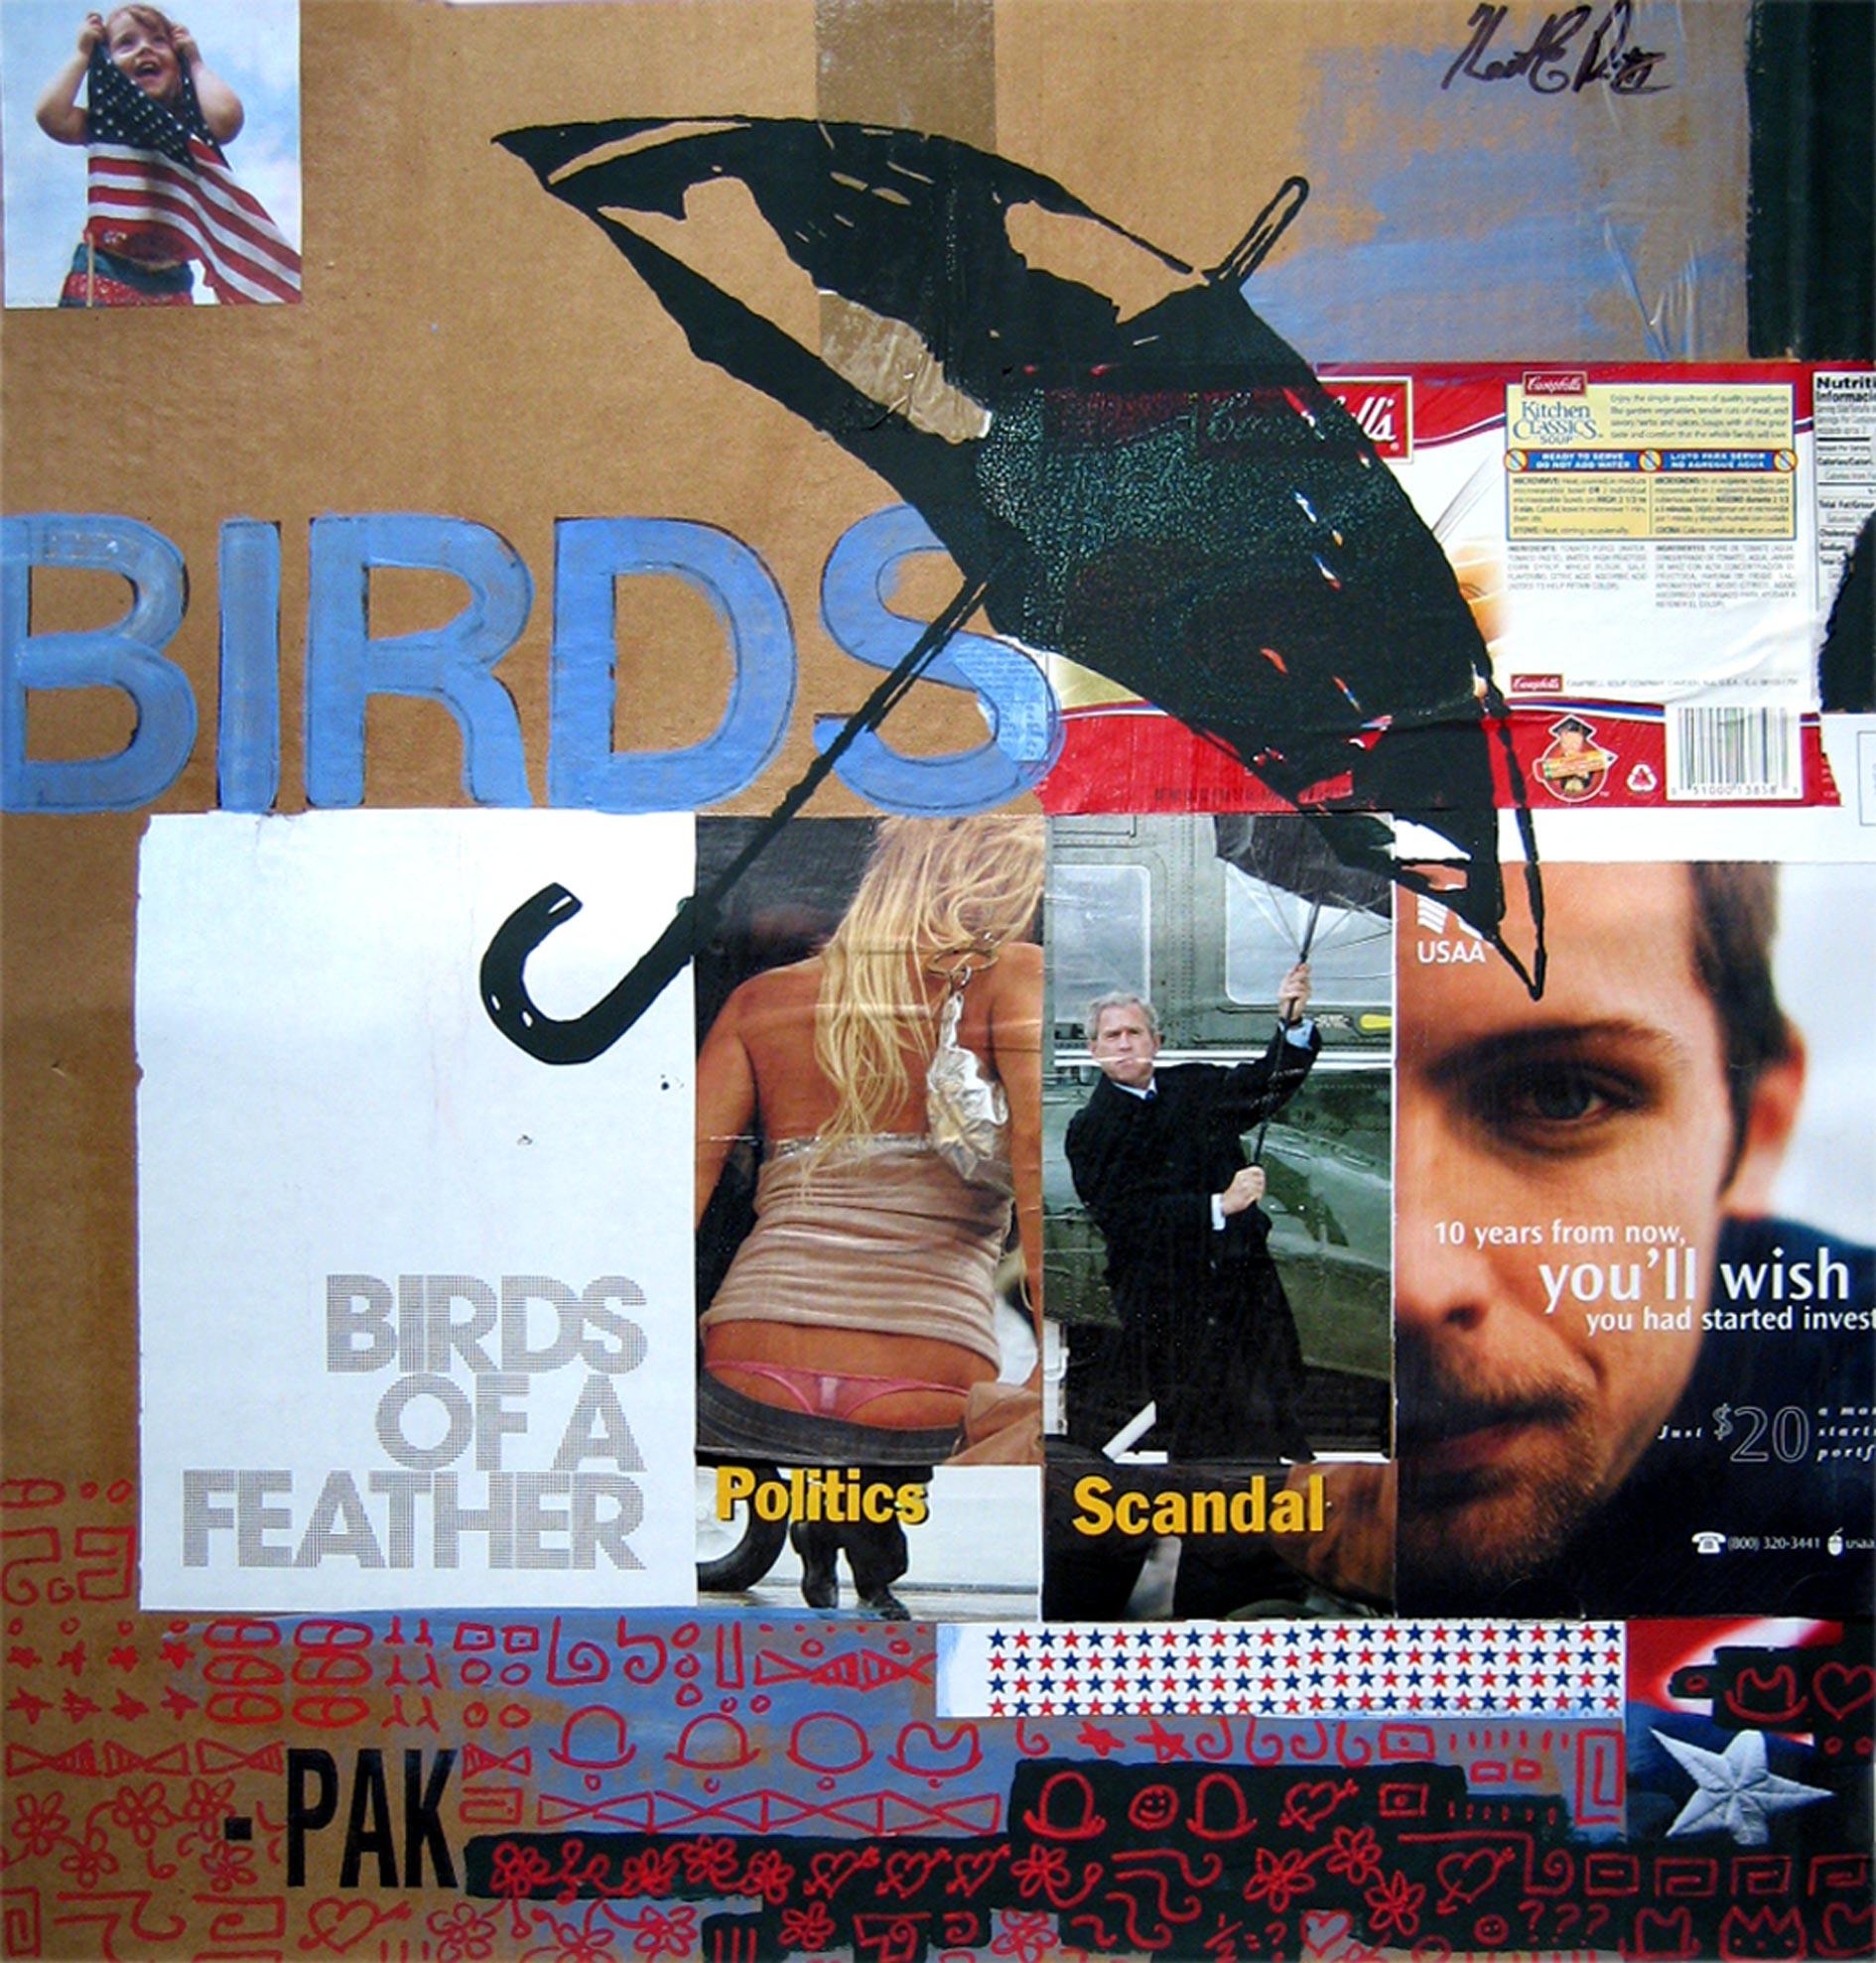 birdsoffeather-web.jpg